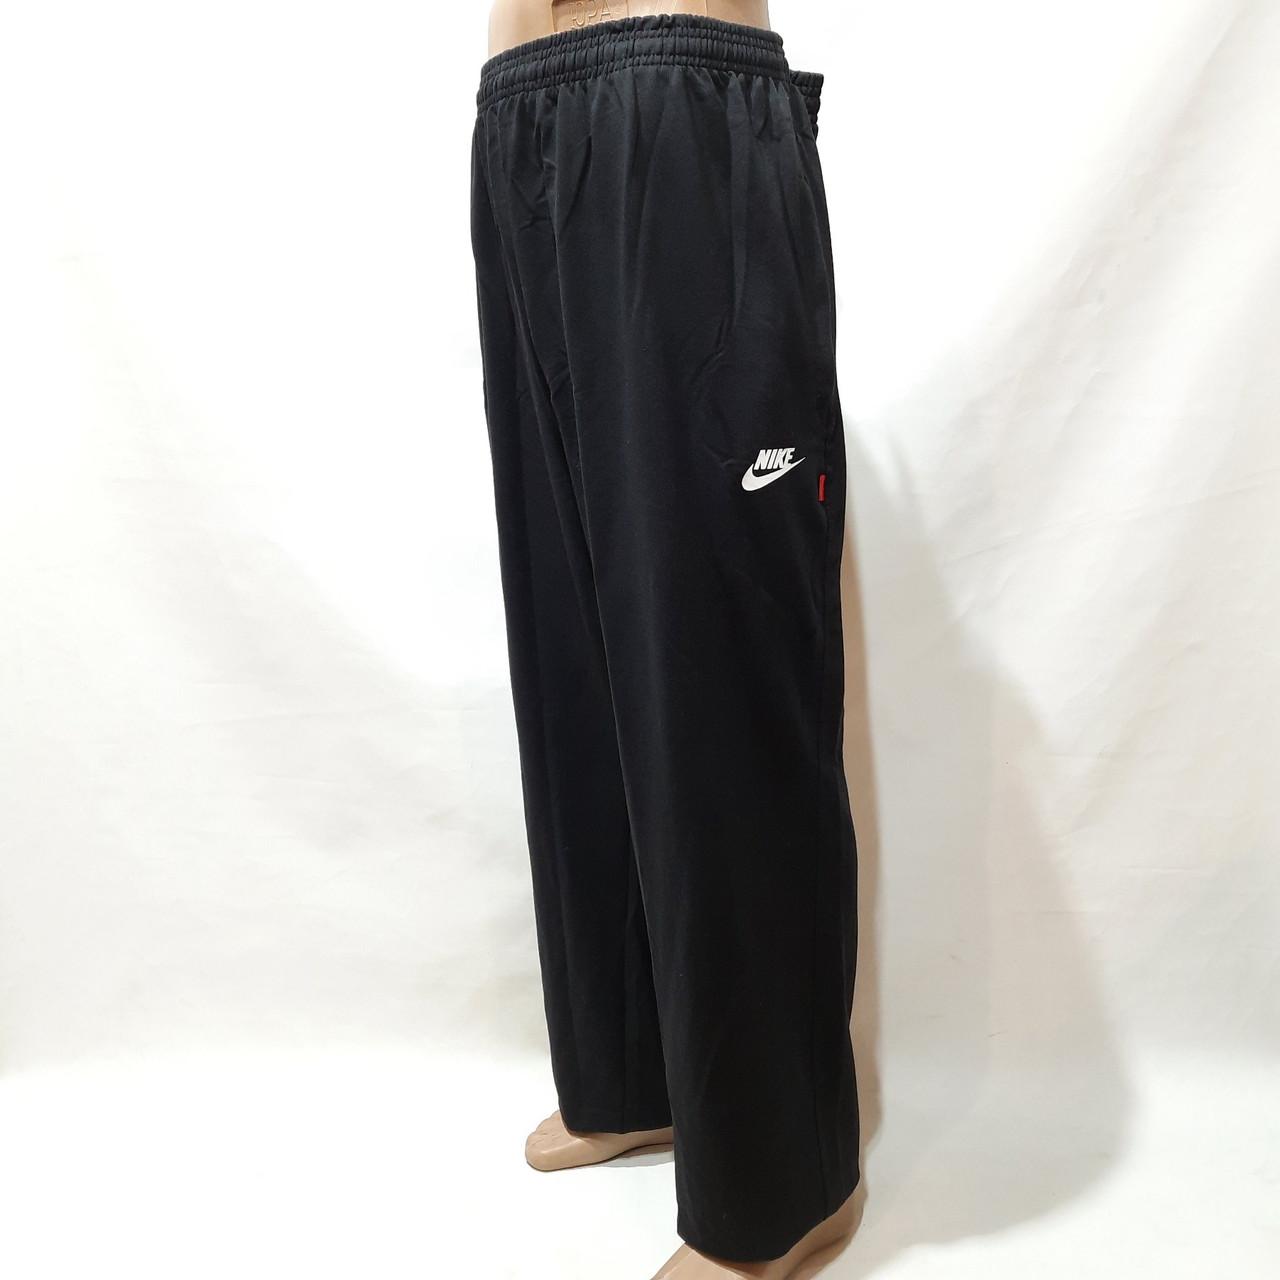 Спортивные штаны прямые (Супер большие размеры) в стиле Nike трикотажные черные 62,64,66,68,70 р